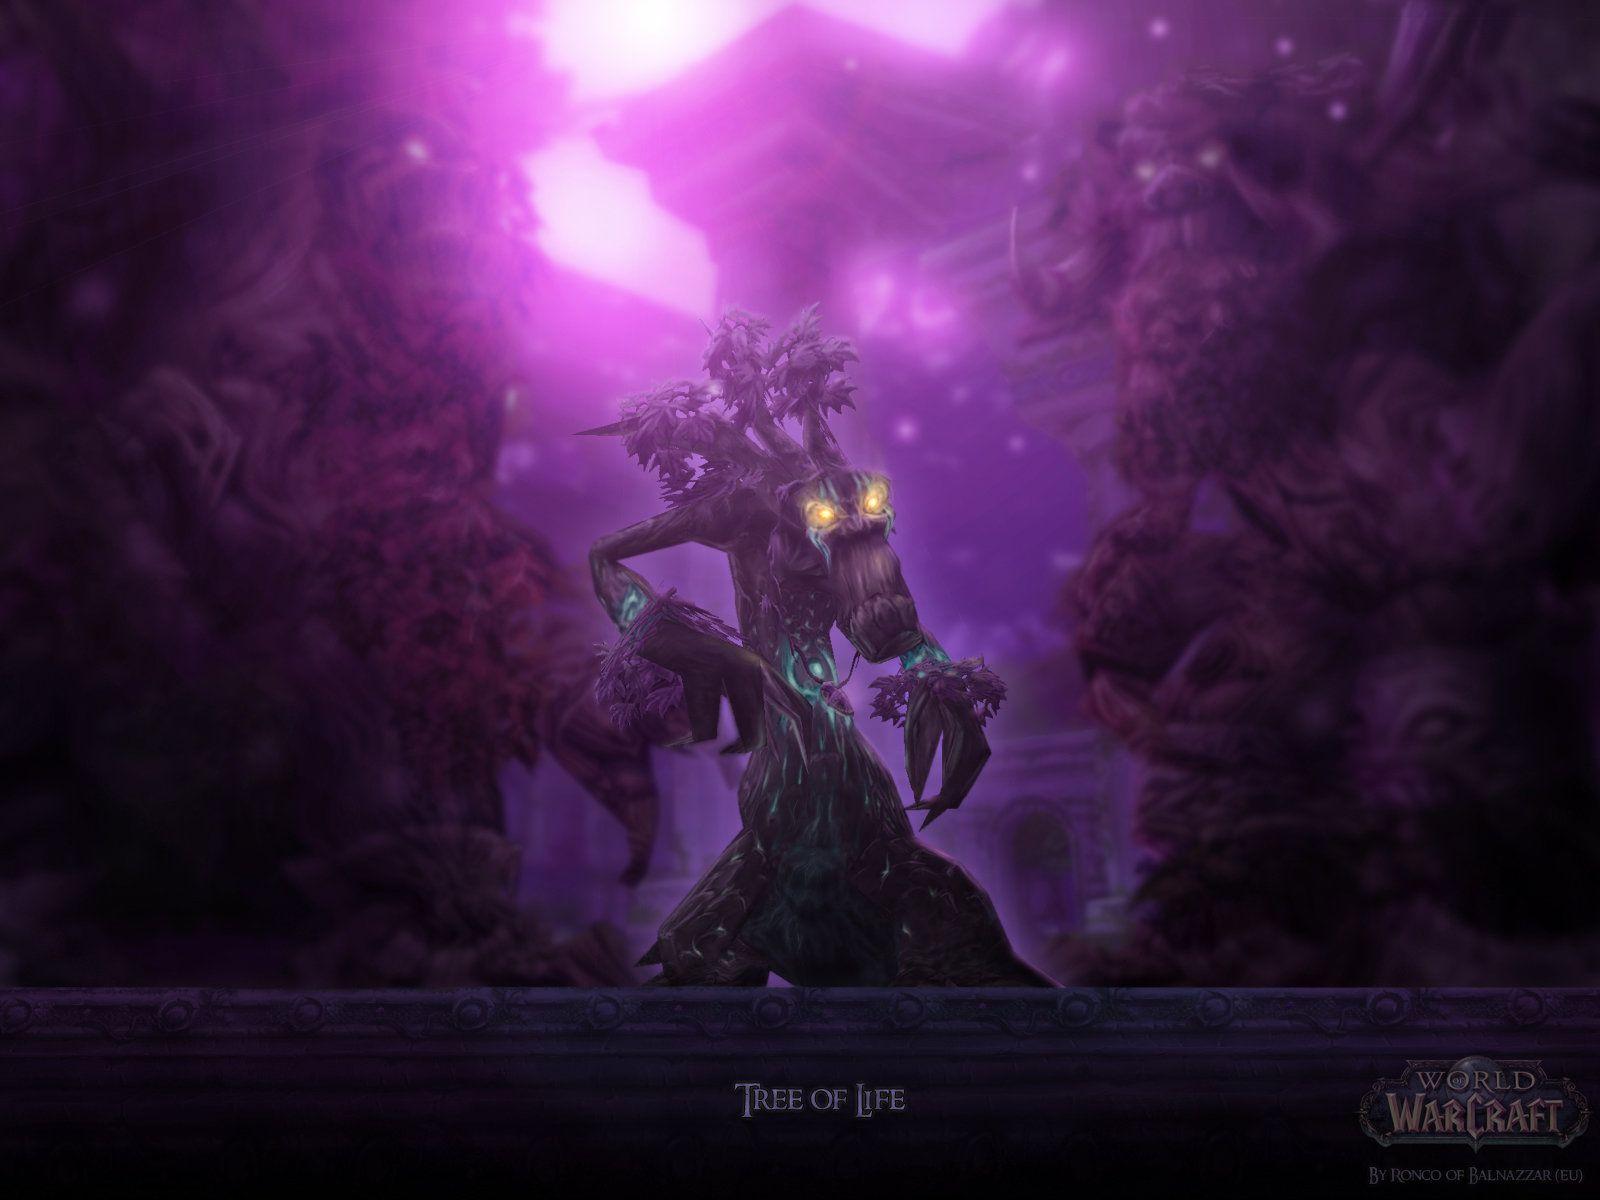 Darnassus Explore Darnassus On Deviantart Tree Of Life Life Form Night Elf